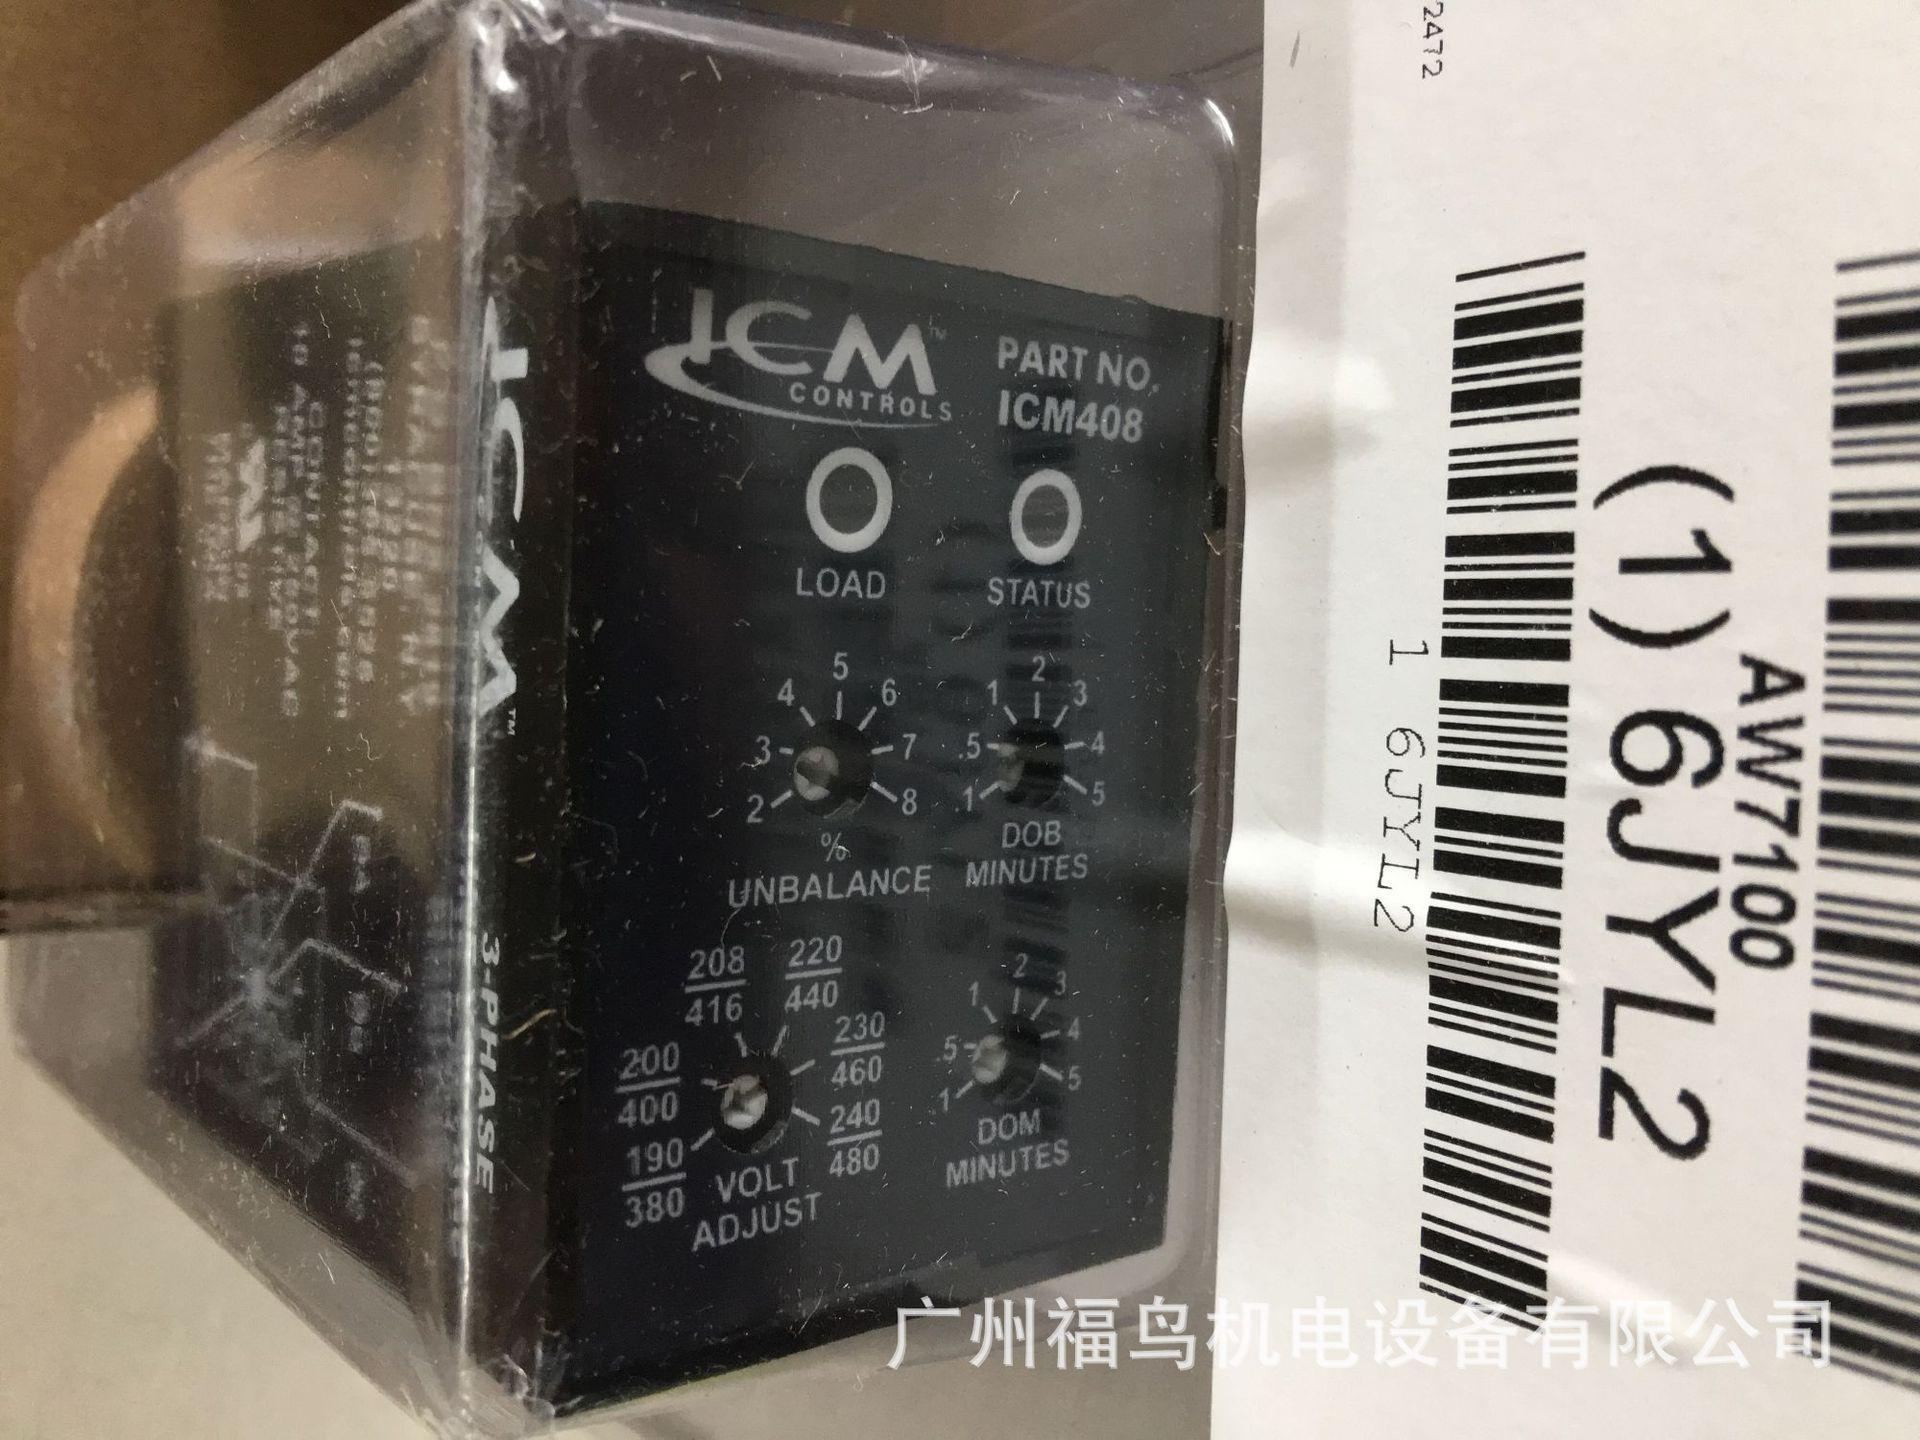 ICM繼電器, 型號: ICM408